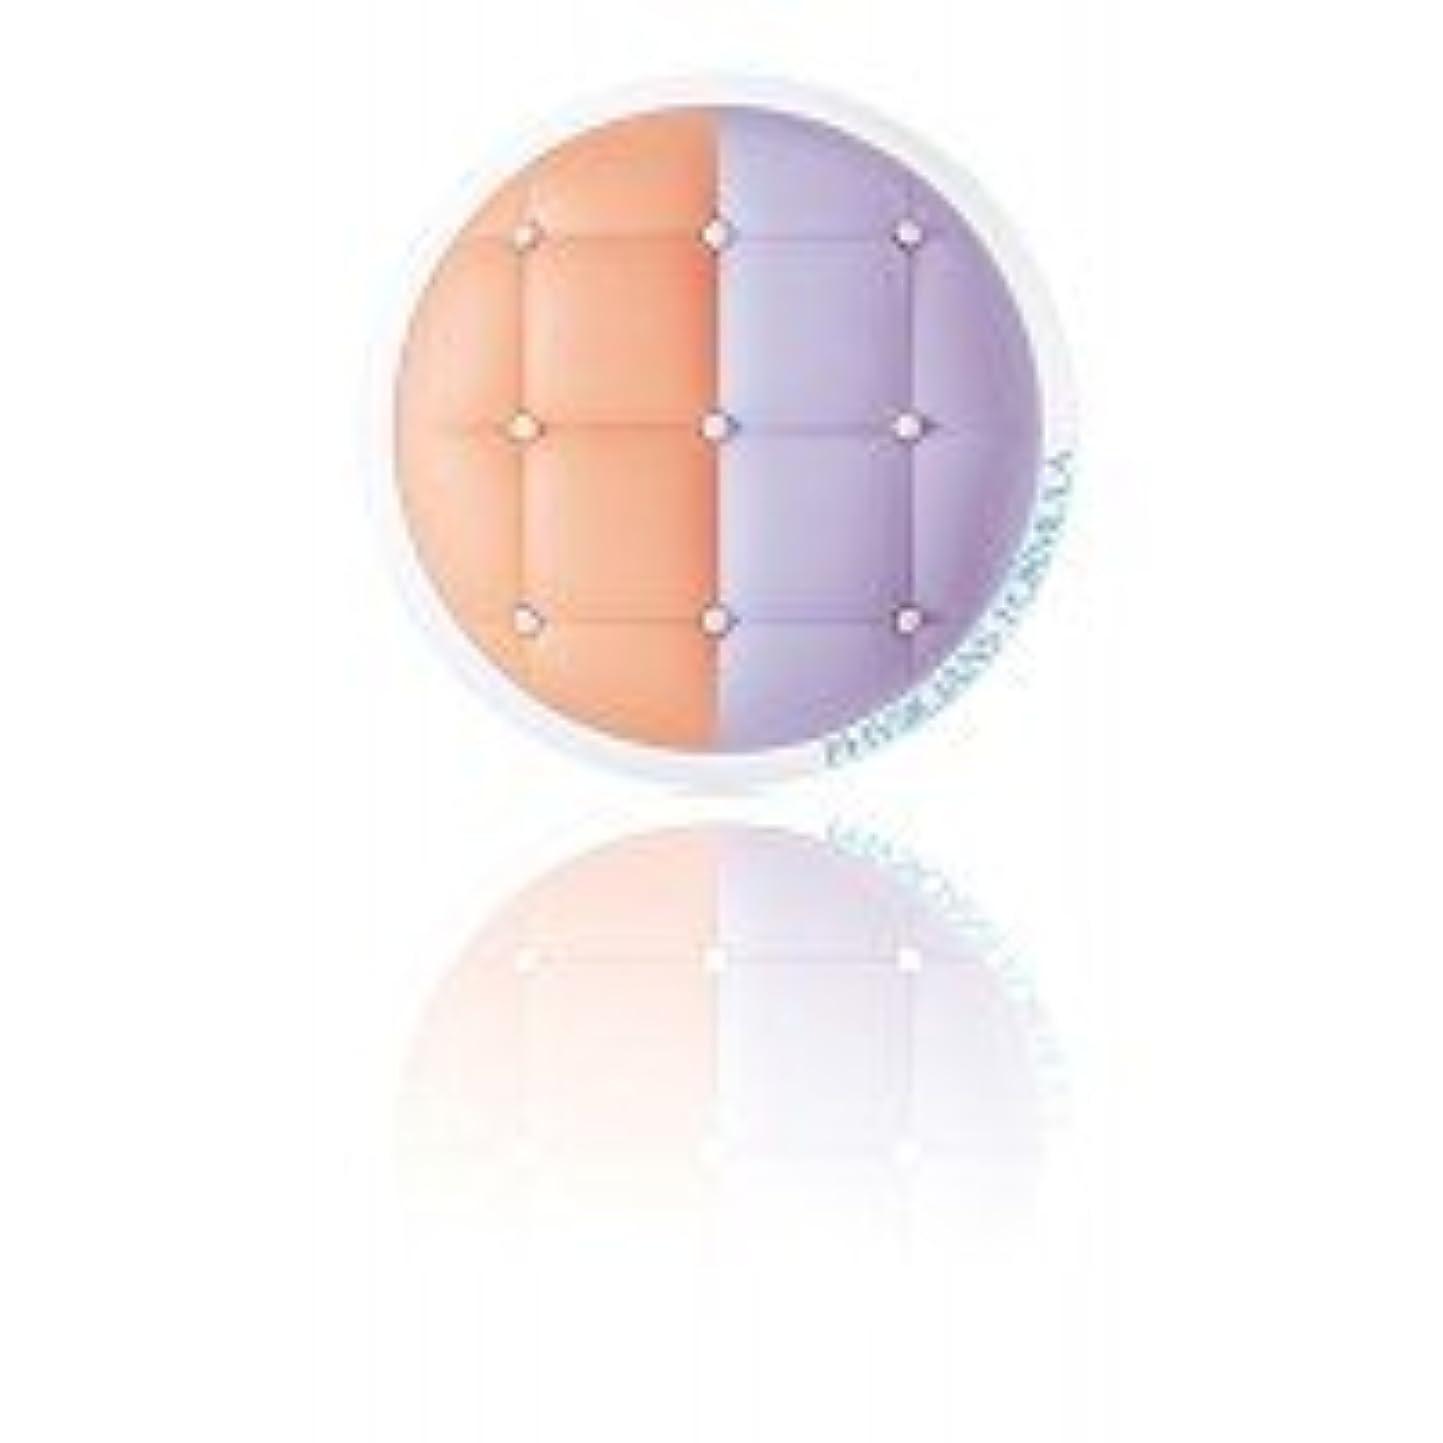 シャワー失敗スノーケルミネラルウェア クッションコレクター+プライマーデュオ Peach/Lavender MCC02